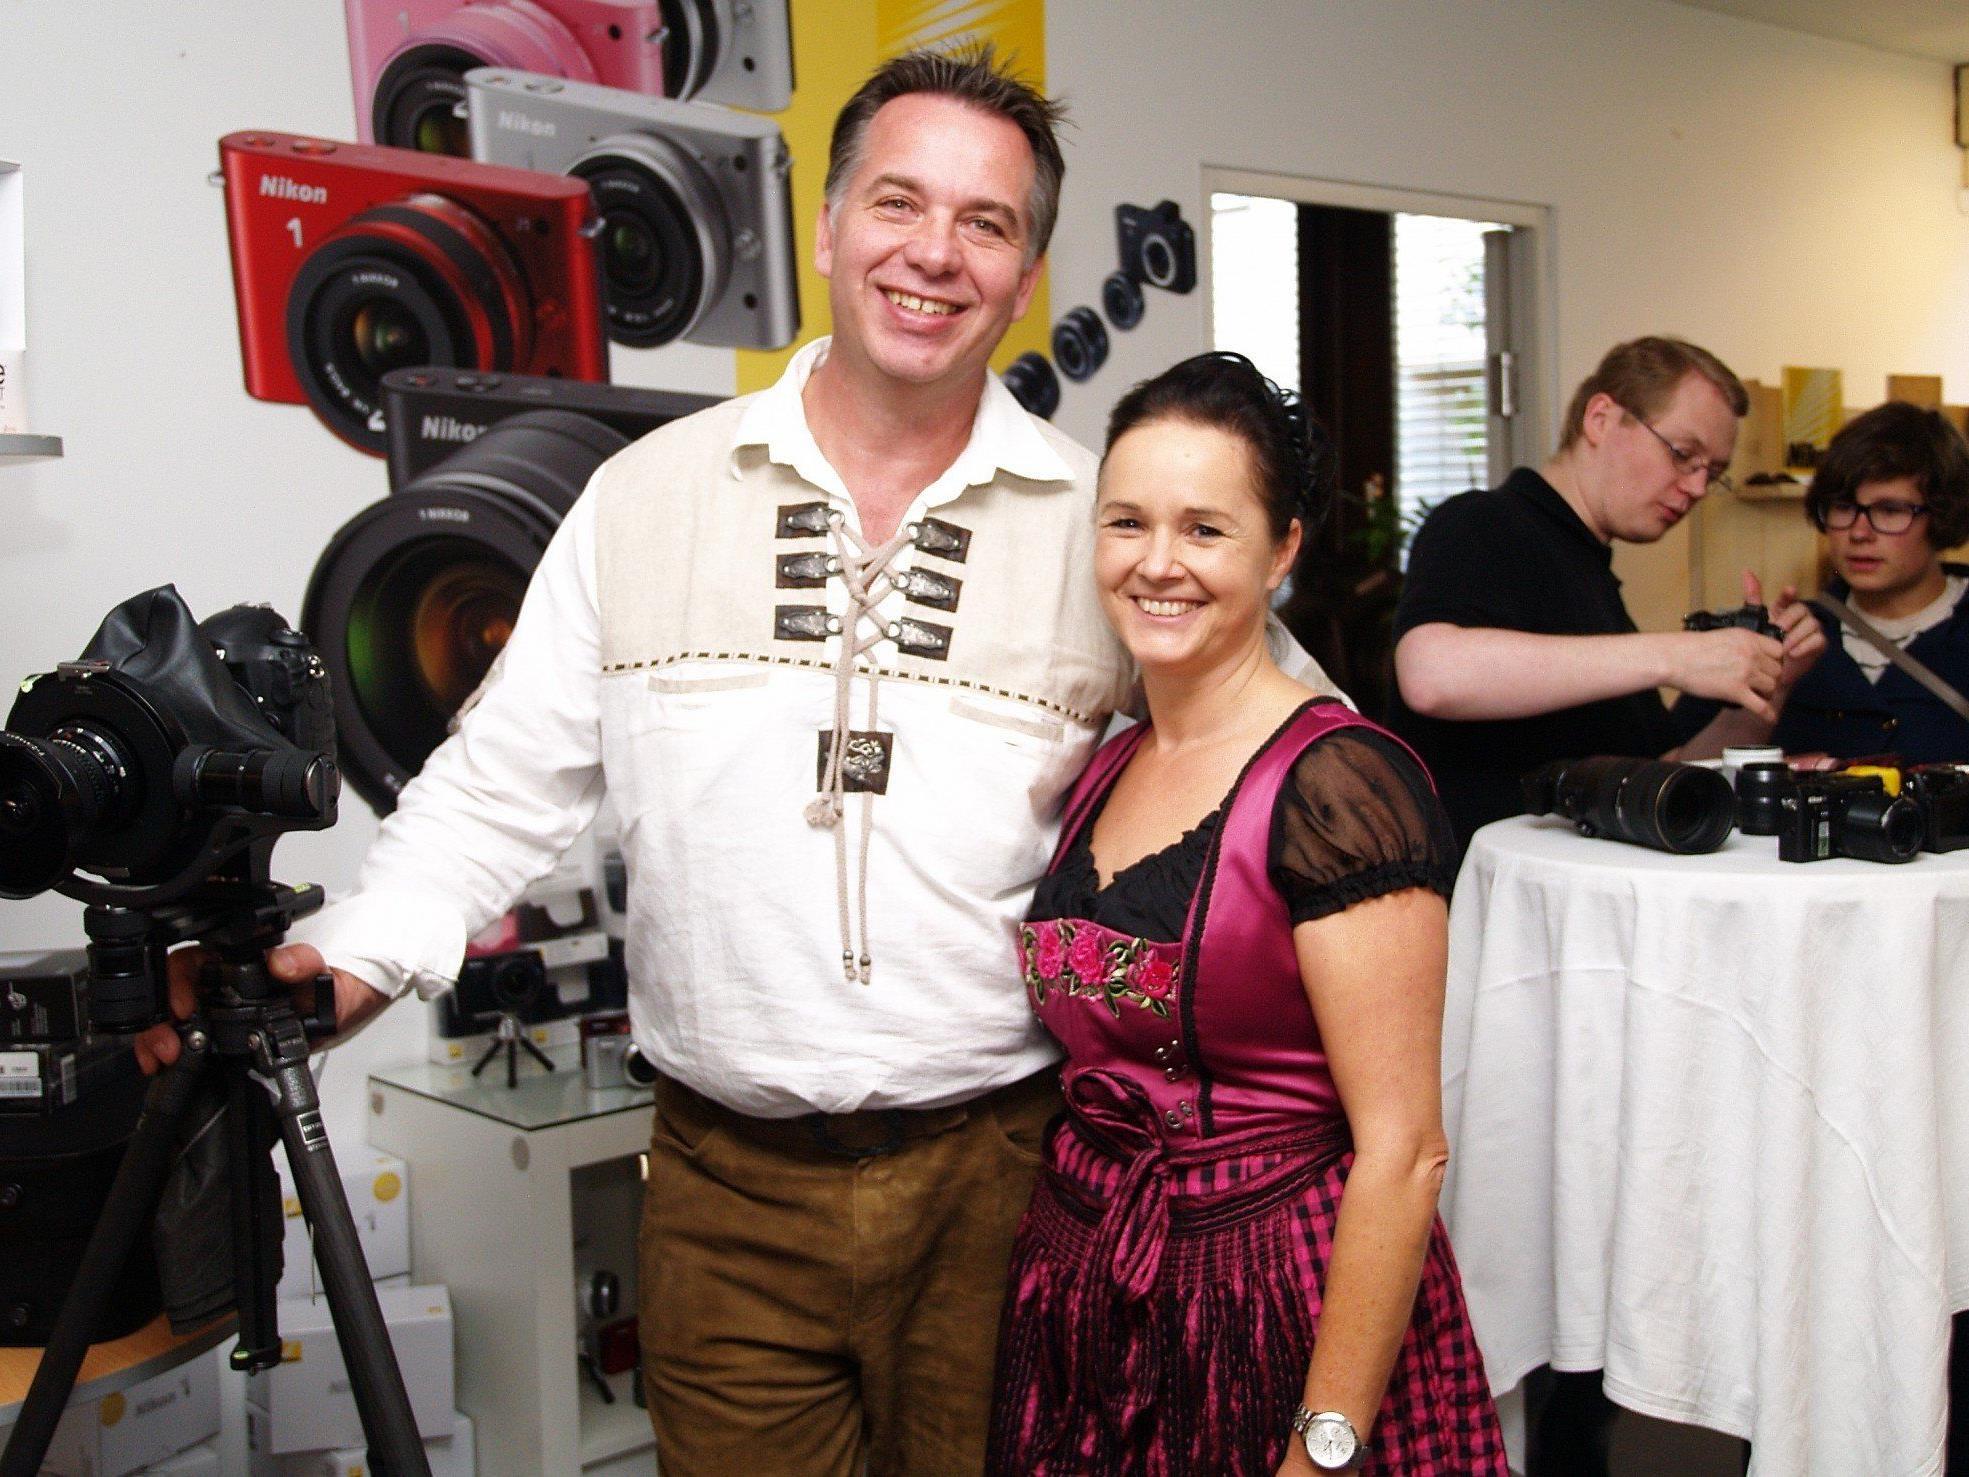 Kurt und Hermine Hebenstreit konnten bei der Hausmesse viel Besucher begrüßen.